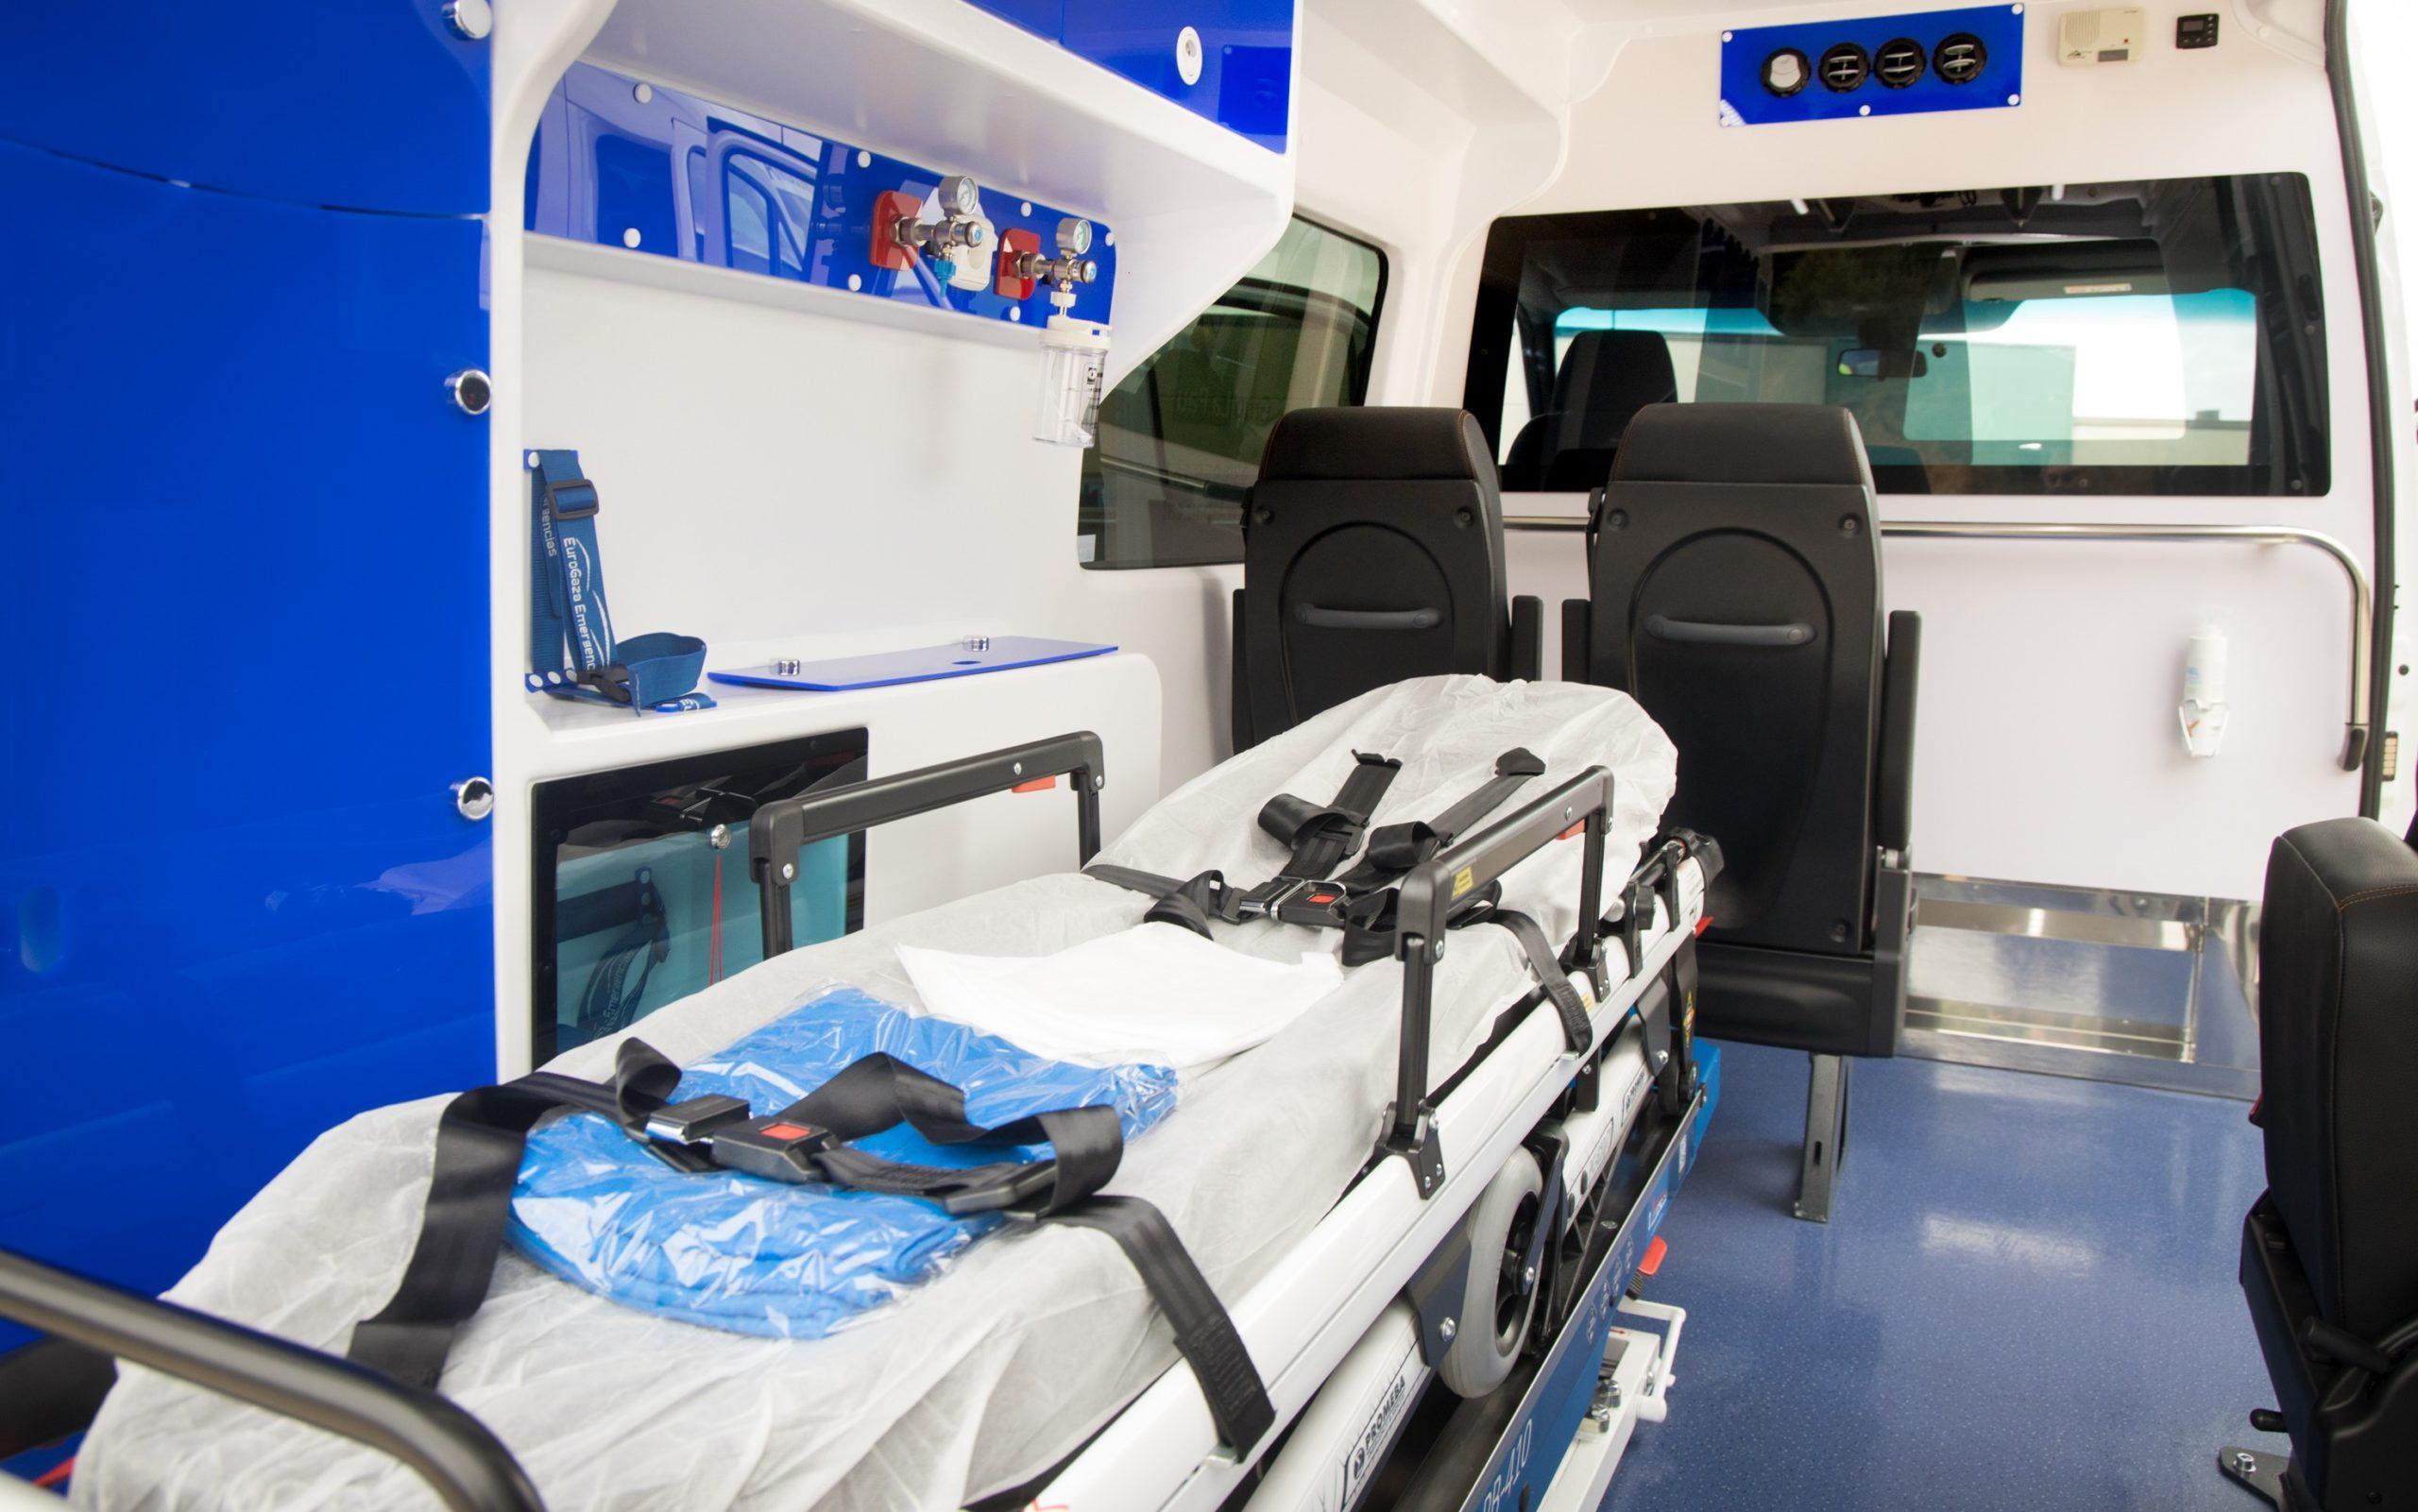 transporte sanitario programado